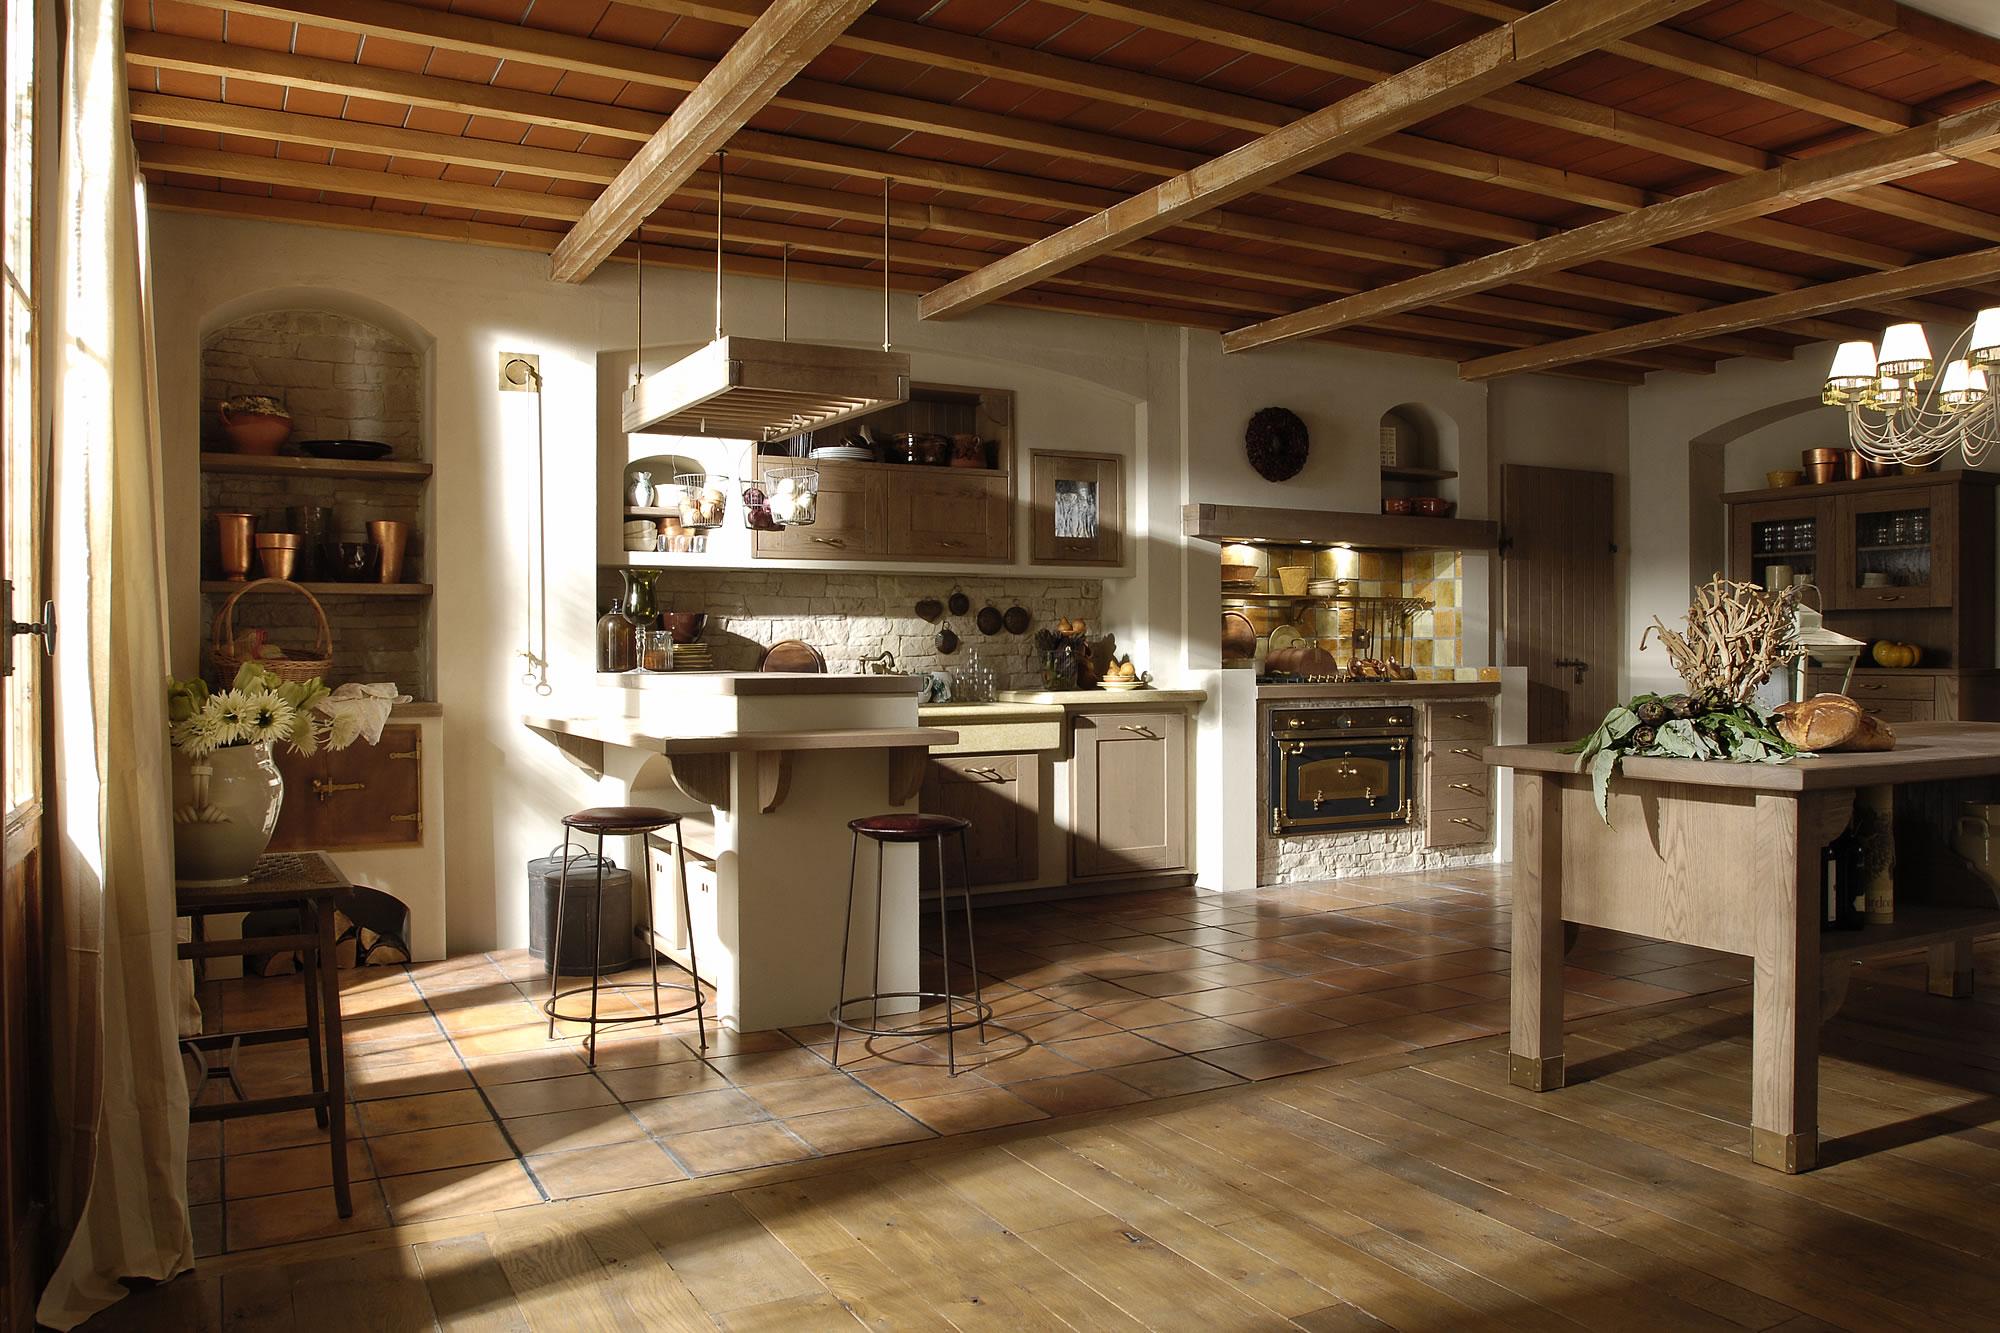 Cucine bianche country chic in muratura cucine in legno